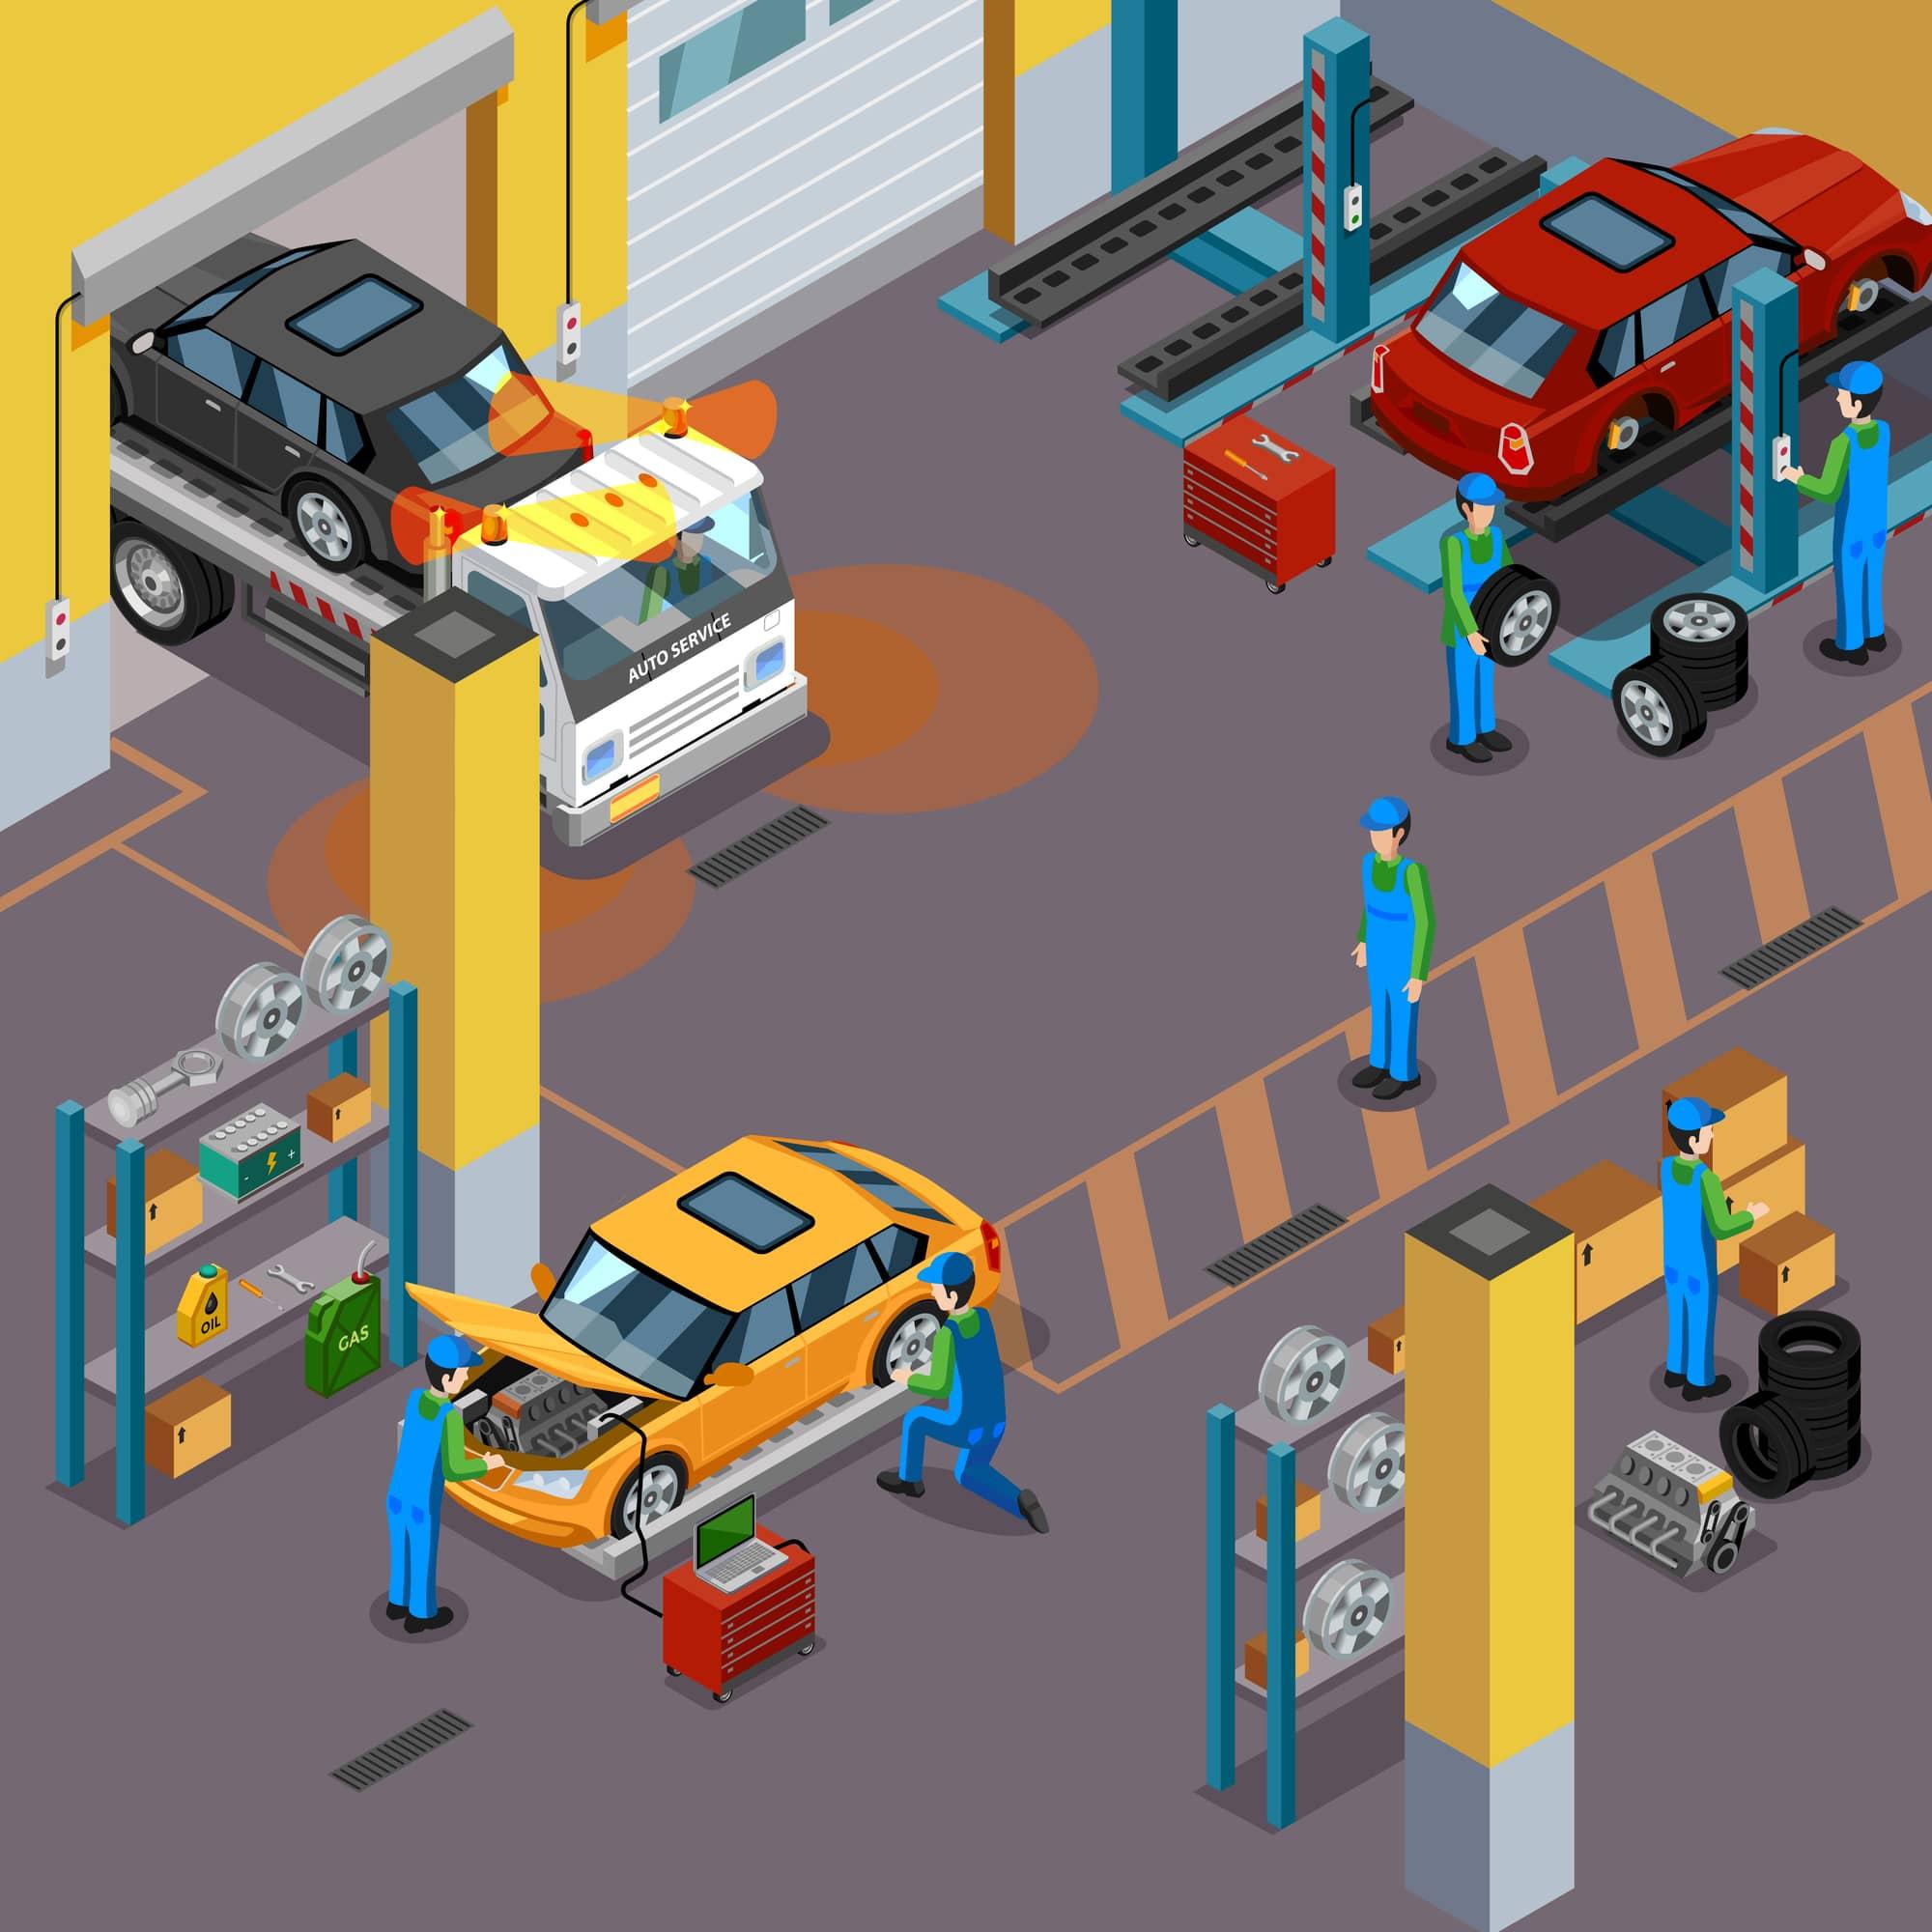 Vorschriften-für-Arbeitsplätze-mit-Hochvoltanlagen